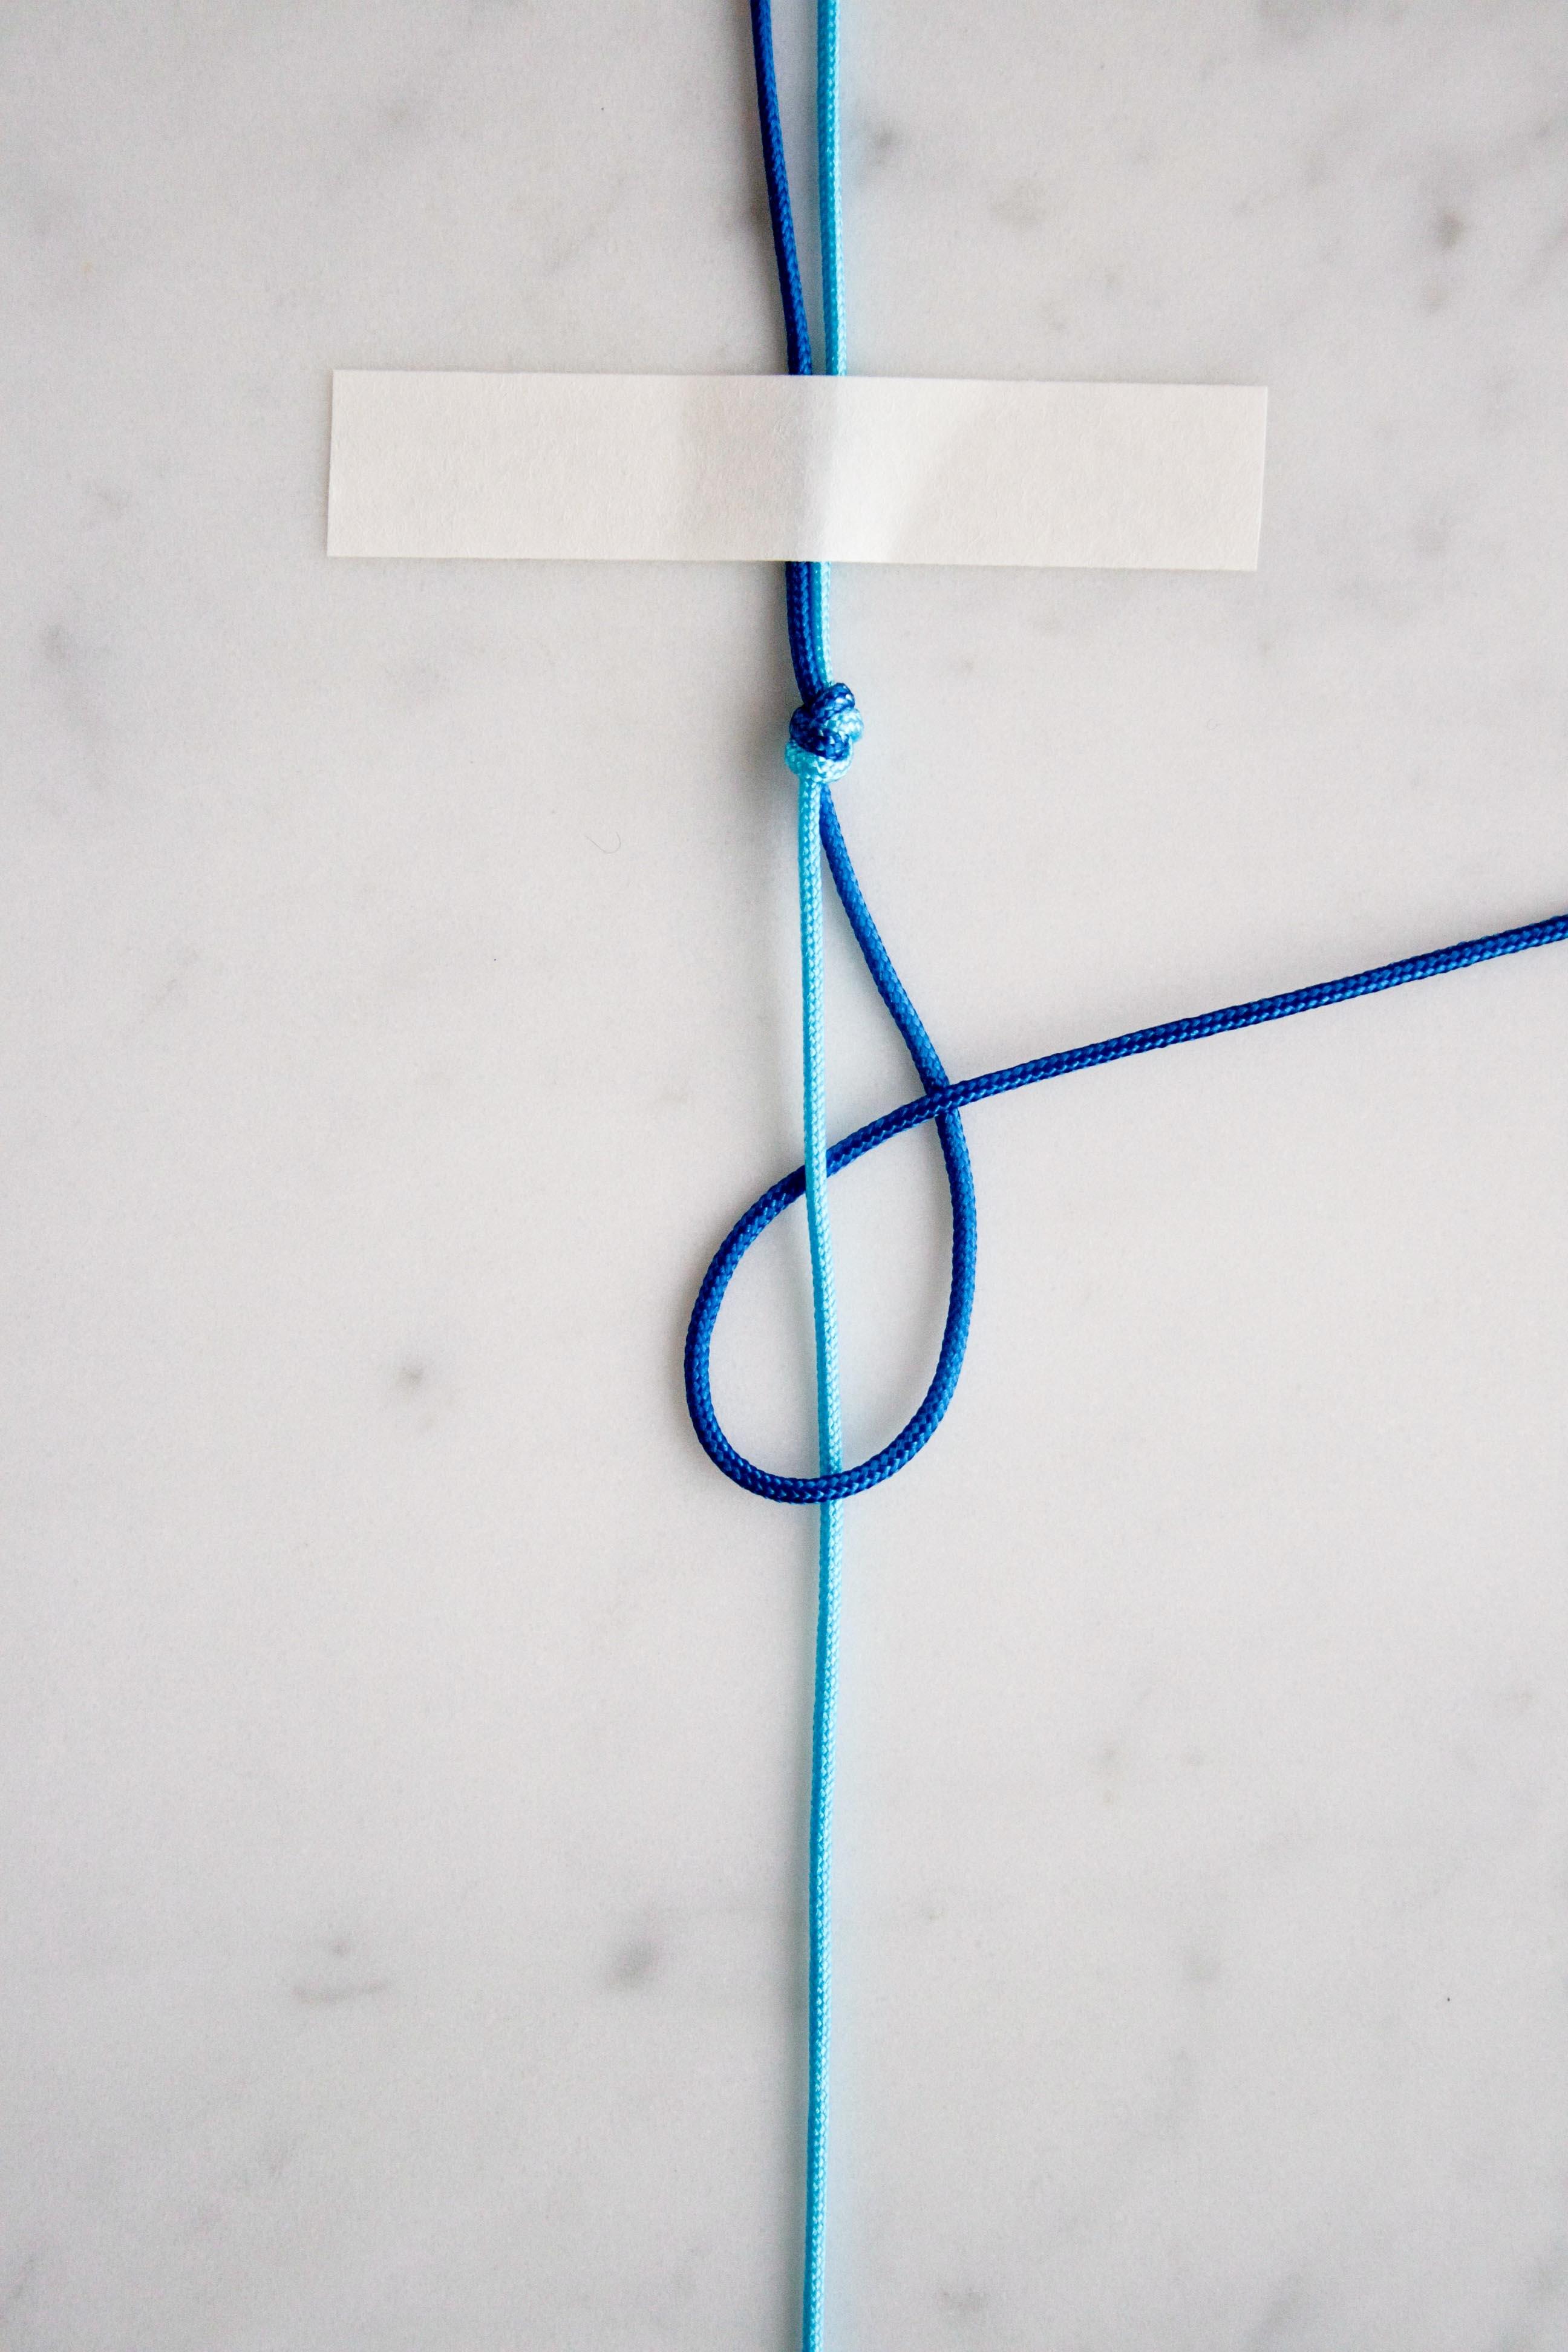 Basic Macramé Knots (HLK + HRK) | Purl Soho